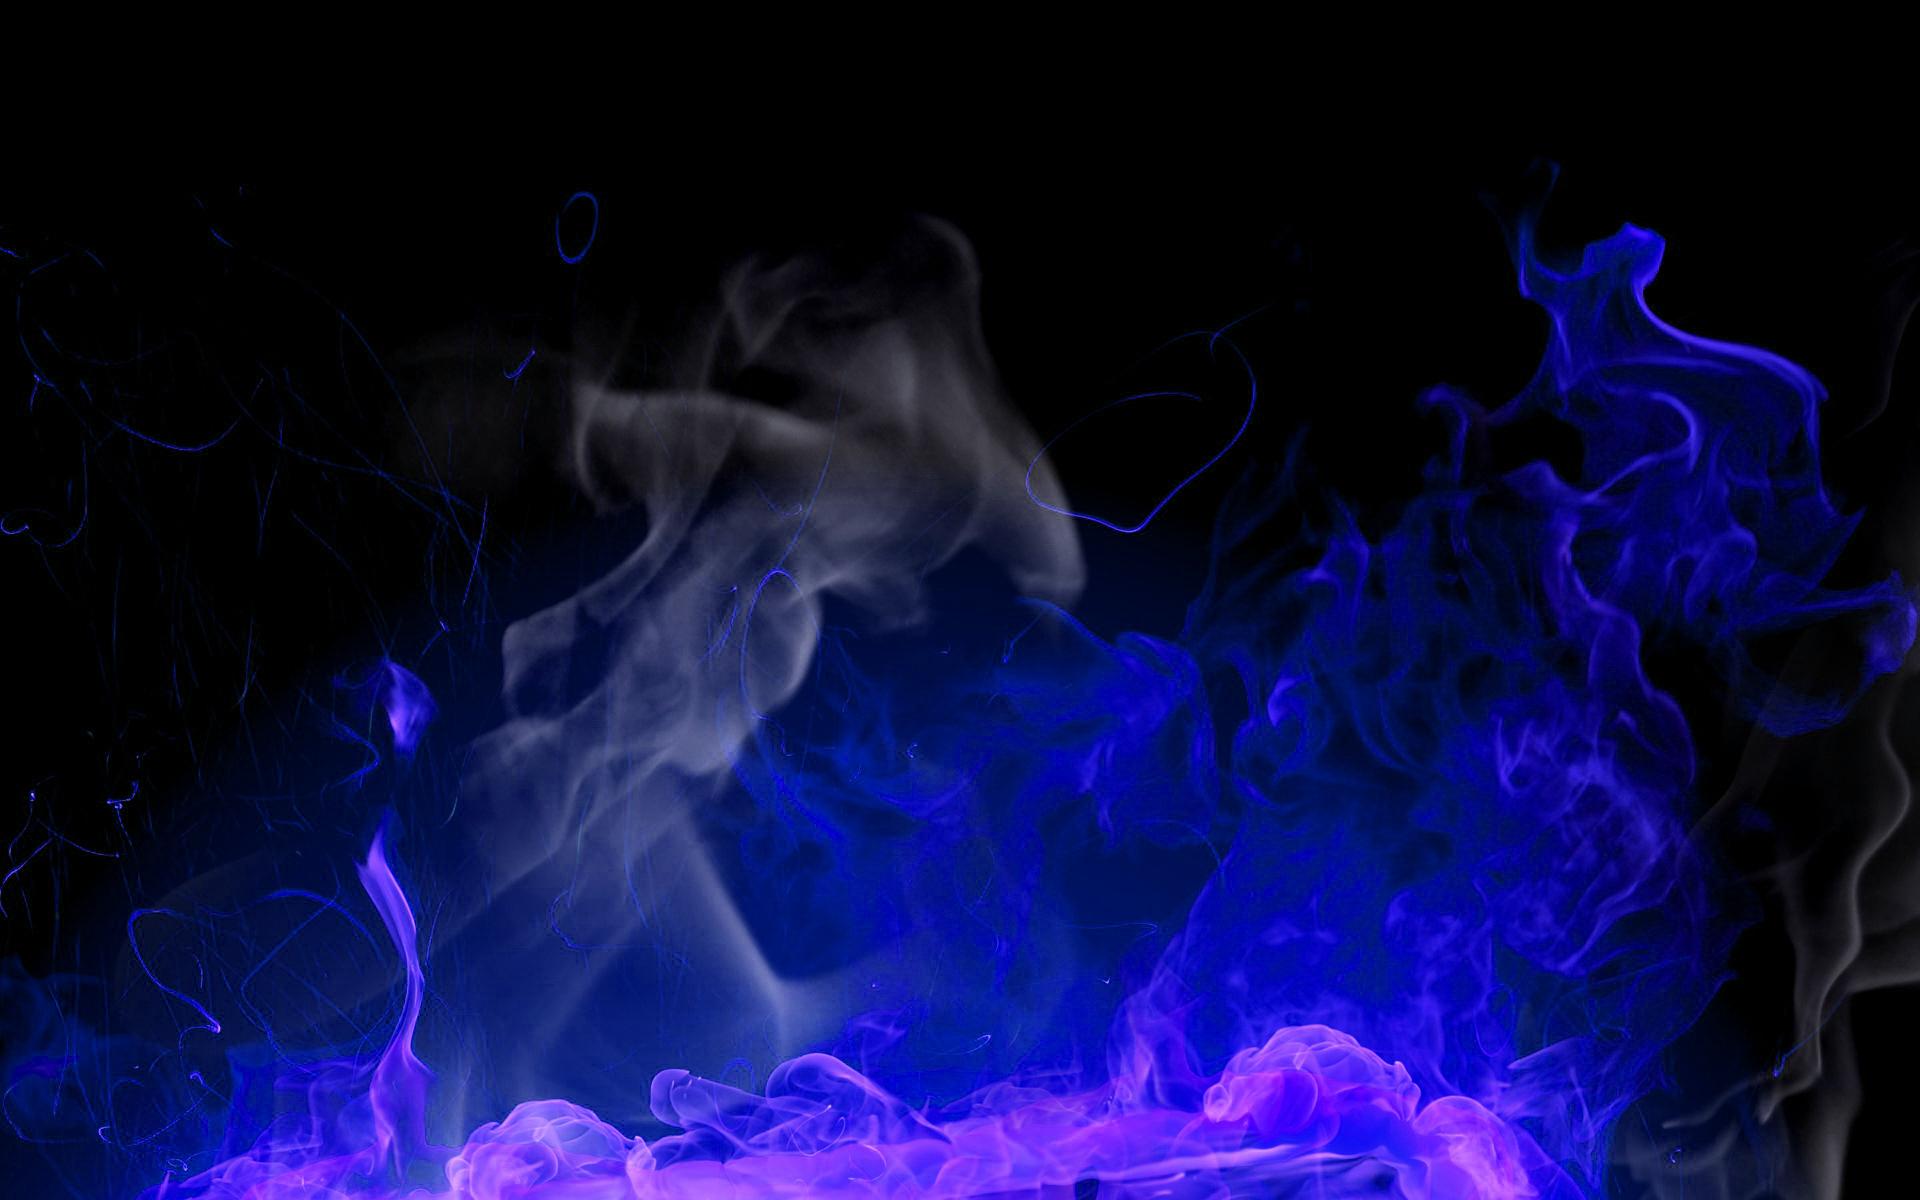 Fire Wallpaper Blue Hd Desktop Wallpapers 4k Hd